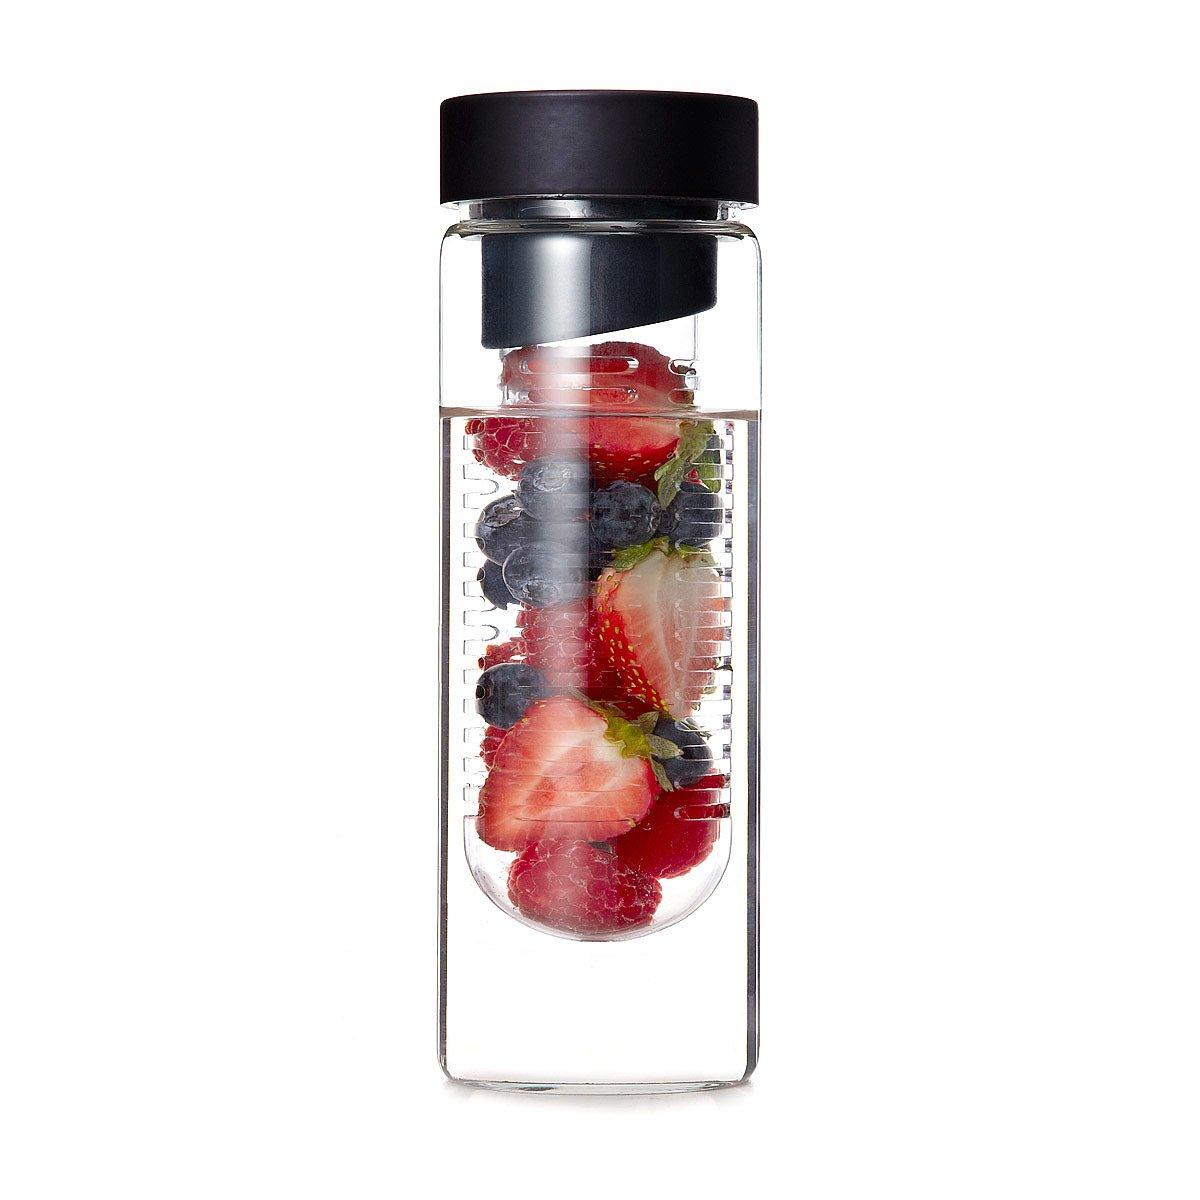 Flavor Infuser Water Bottle Flavored Water Fruit Water